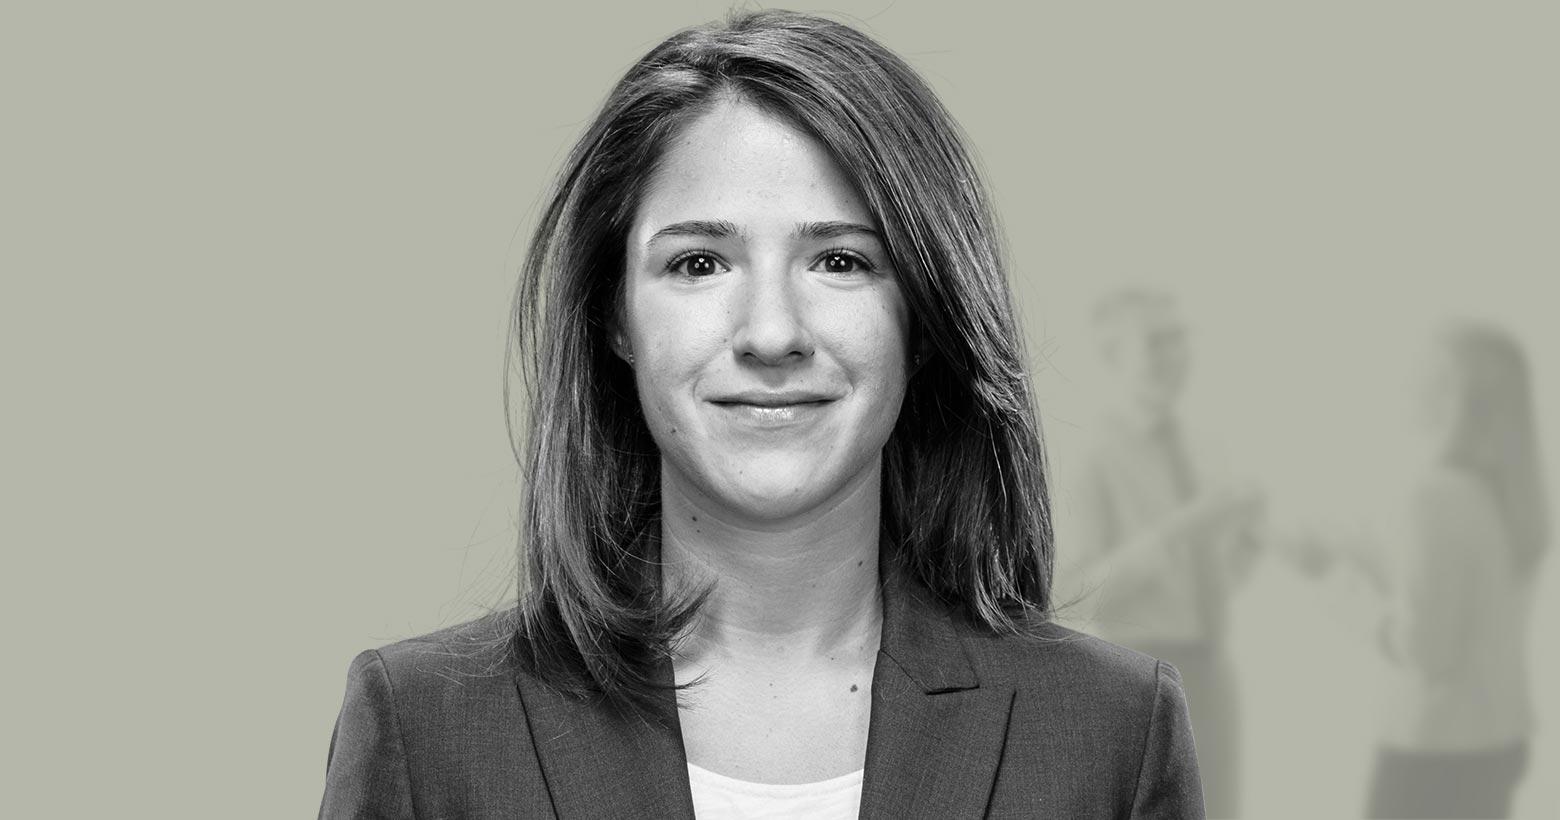 Jacqueline B. Clinton